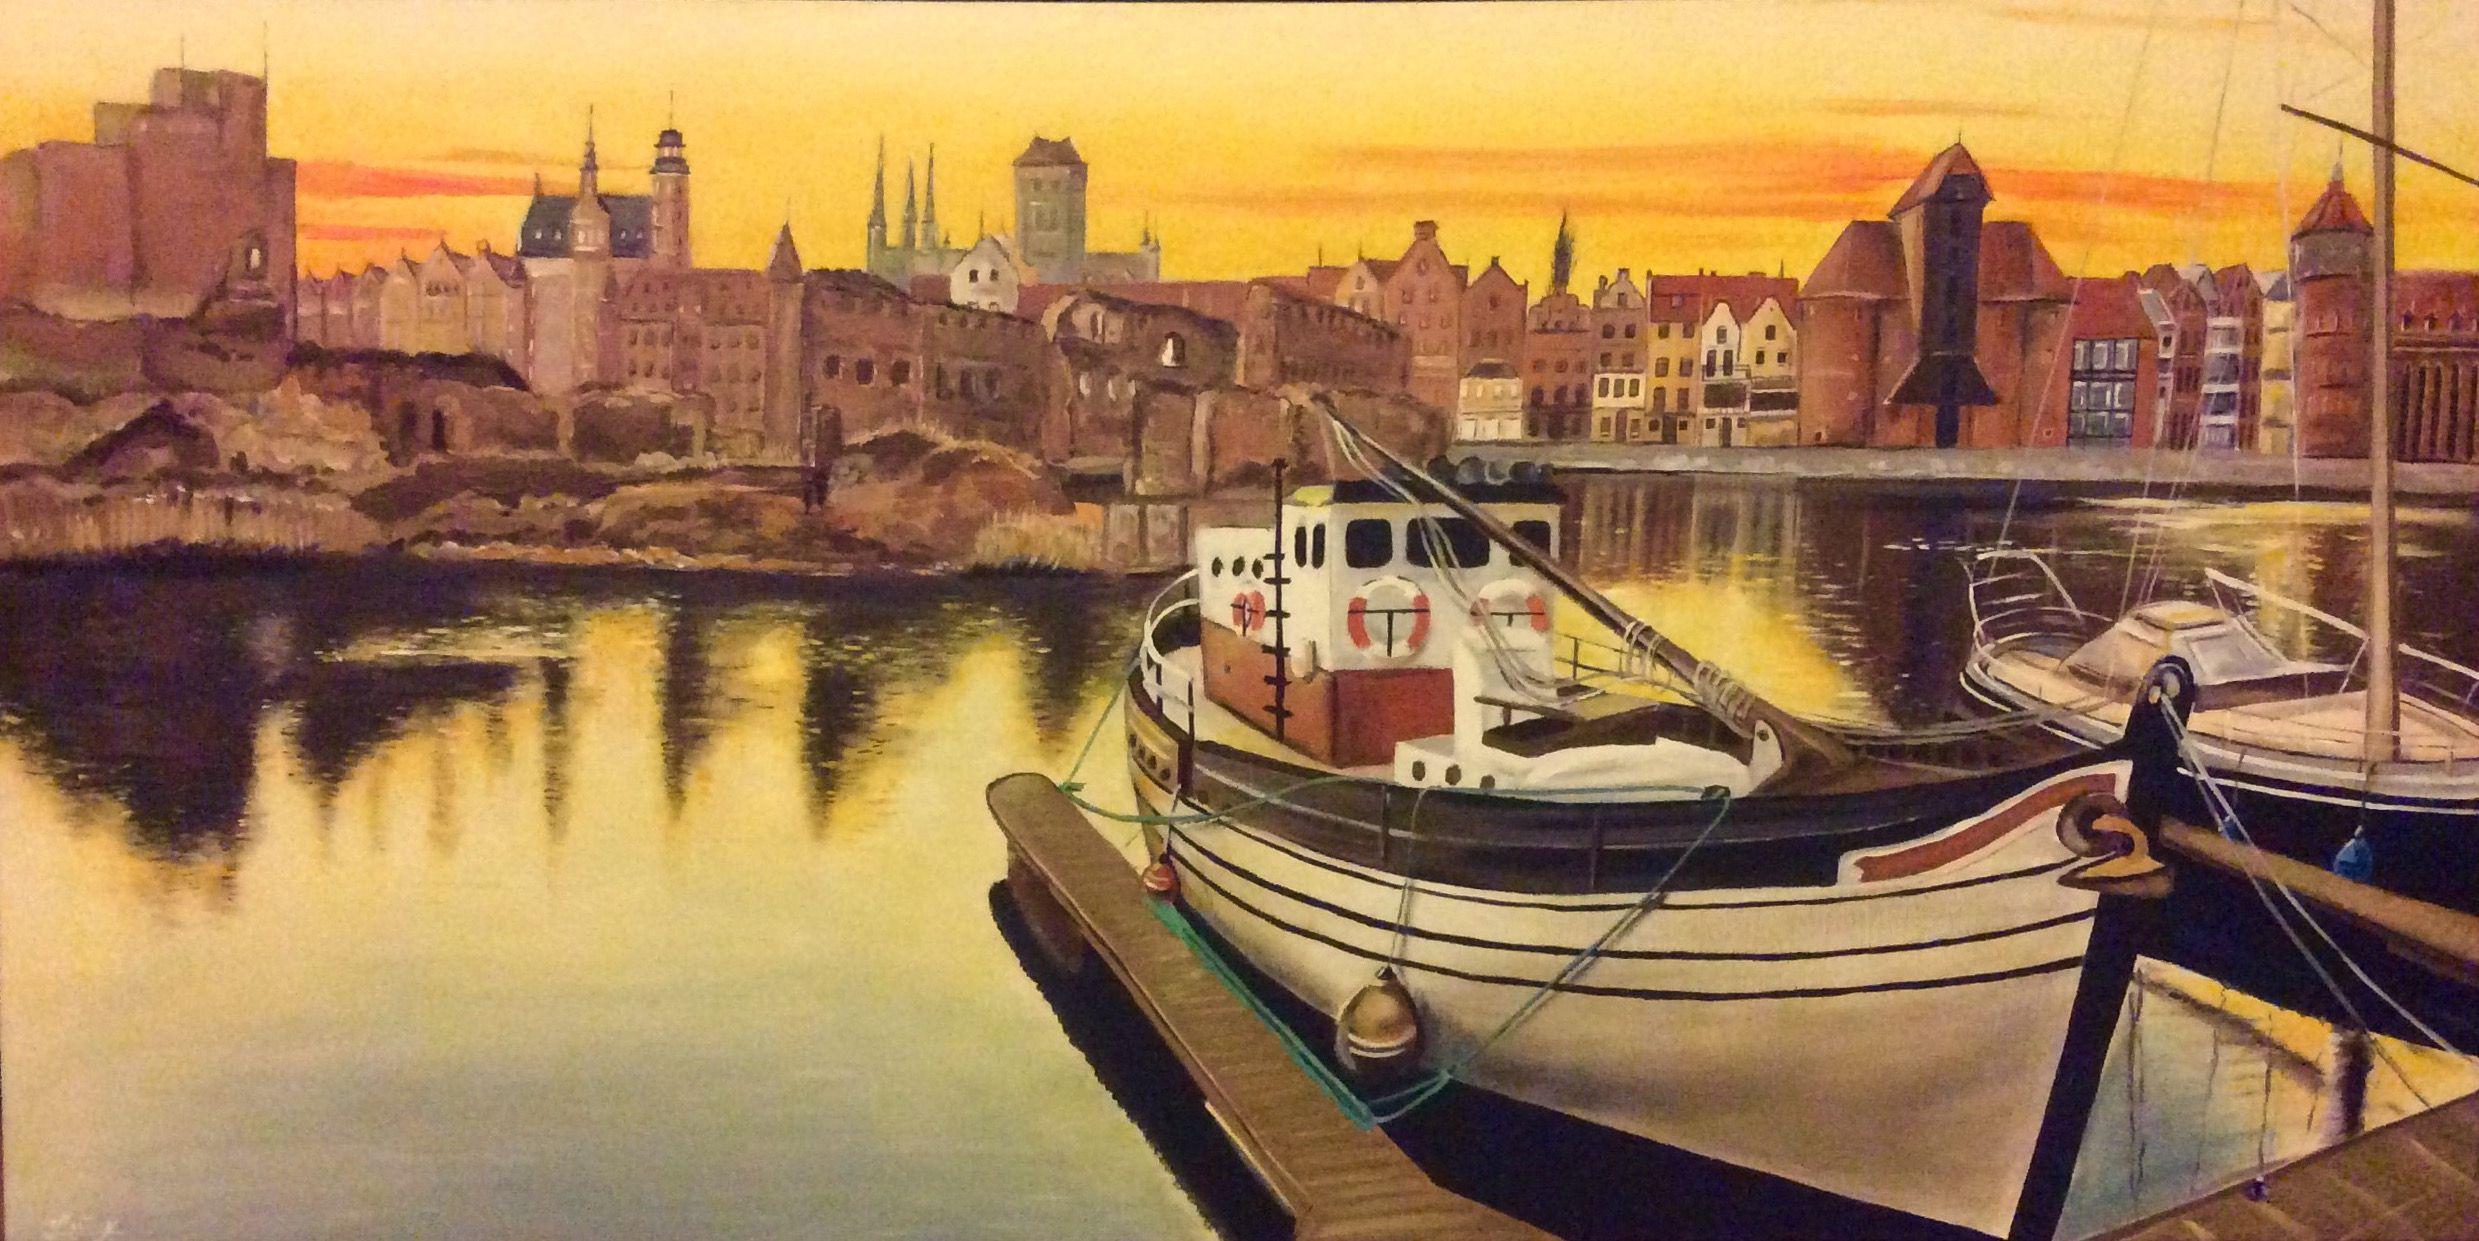 Obraz Malowany Farbami Akrylowymi Gdańsk Nad Motławą Marina